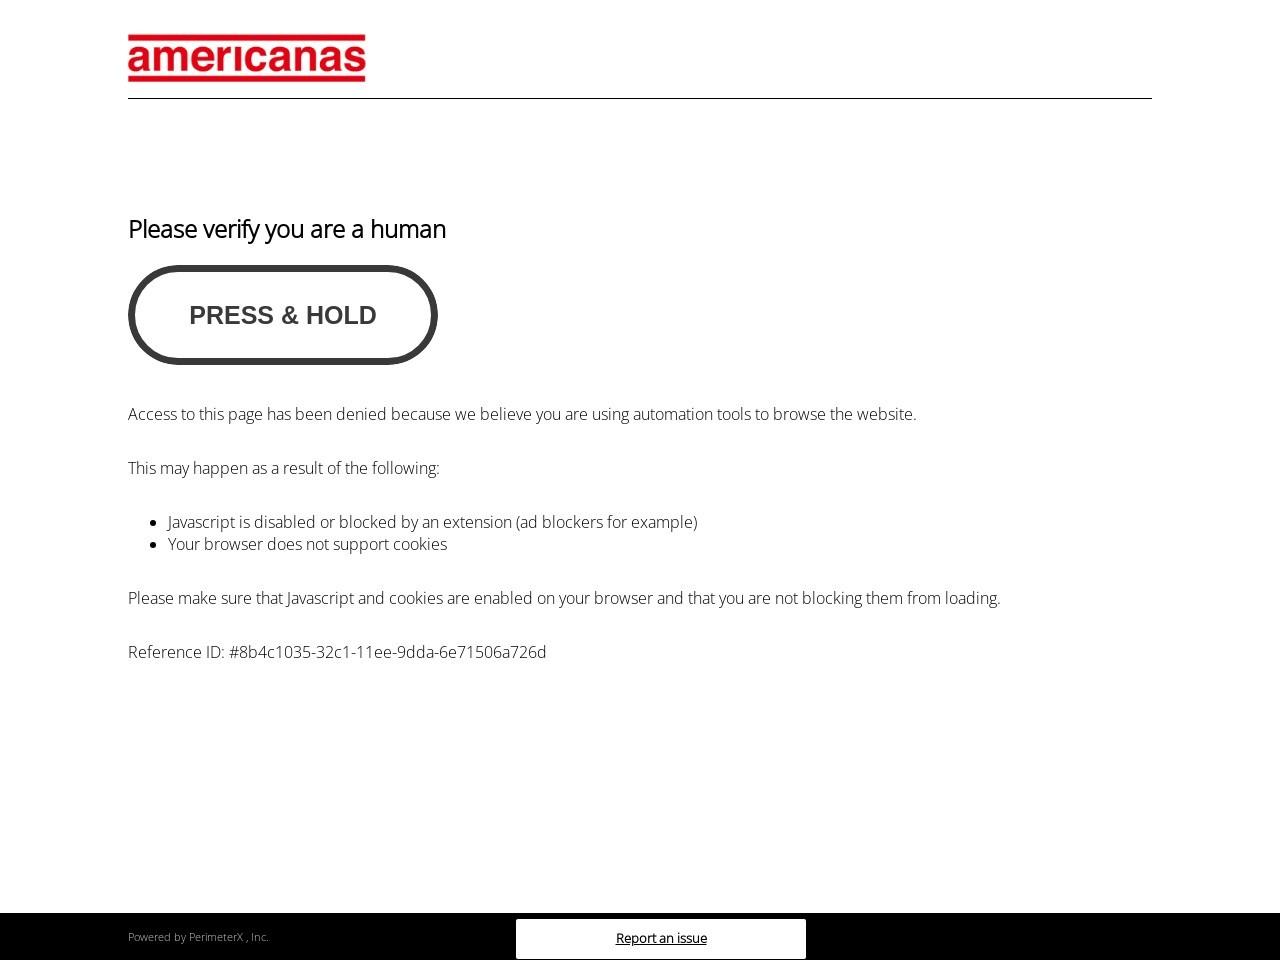 Notebook Acer I3 8gb 1tb em Promoção nas americanas